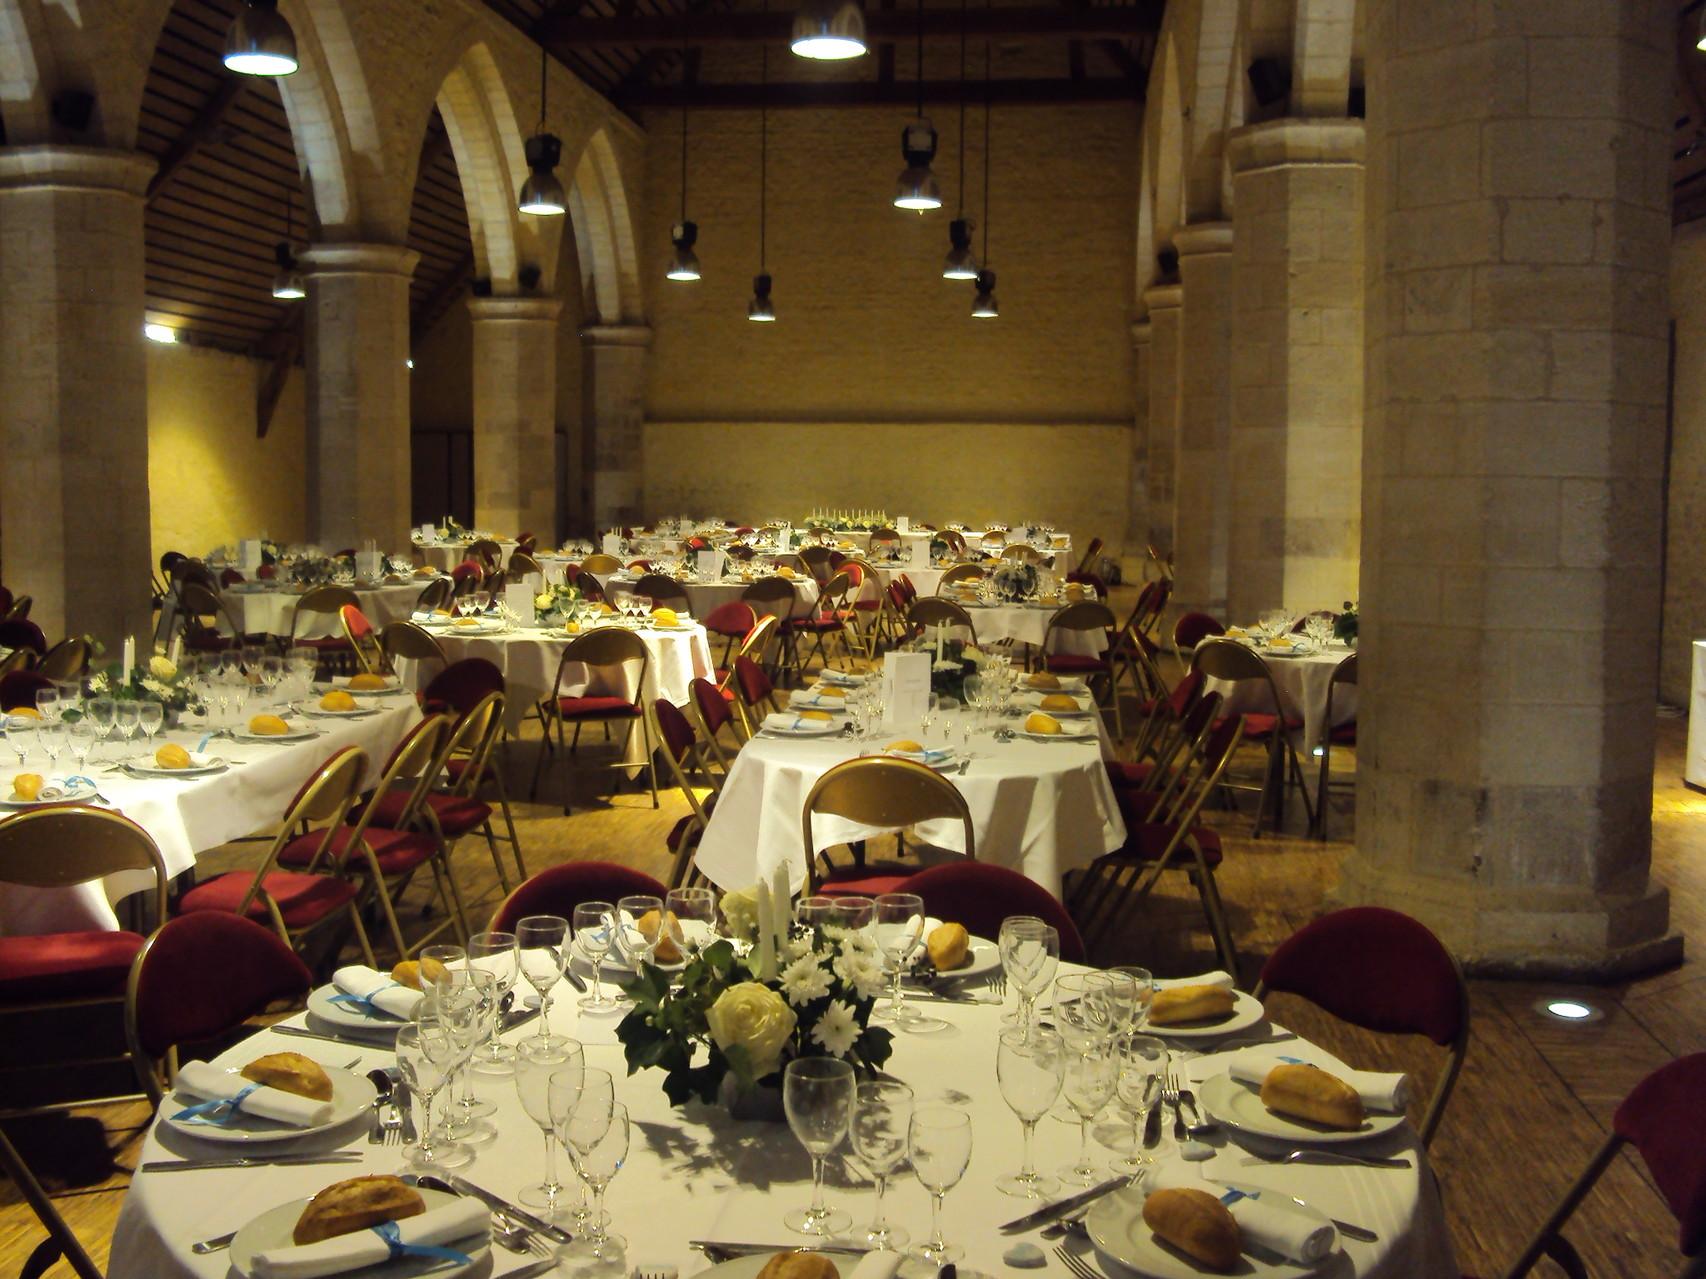 MARIAGE DANET TRAITEUR - Décor de tables - Salle de la Baronnie